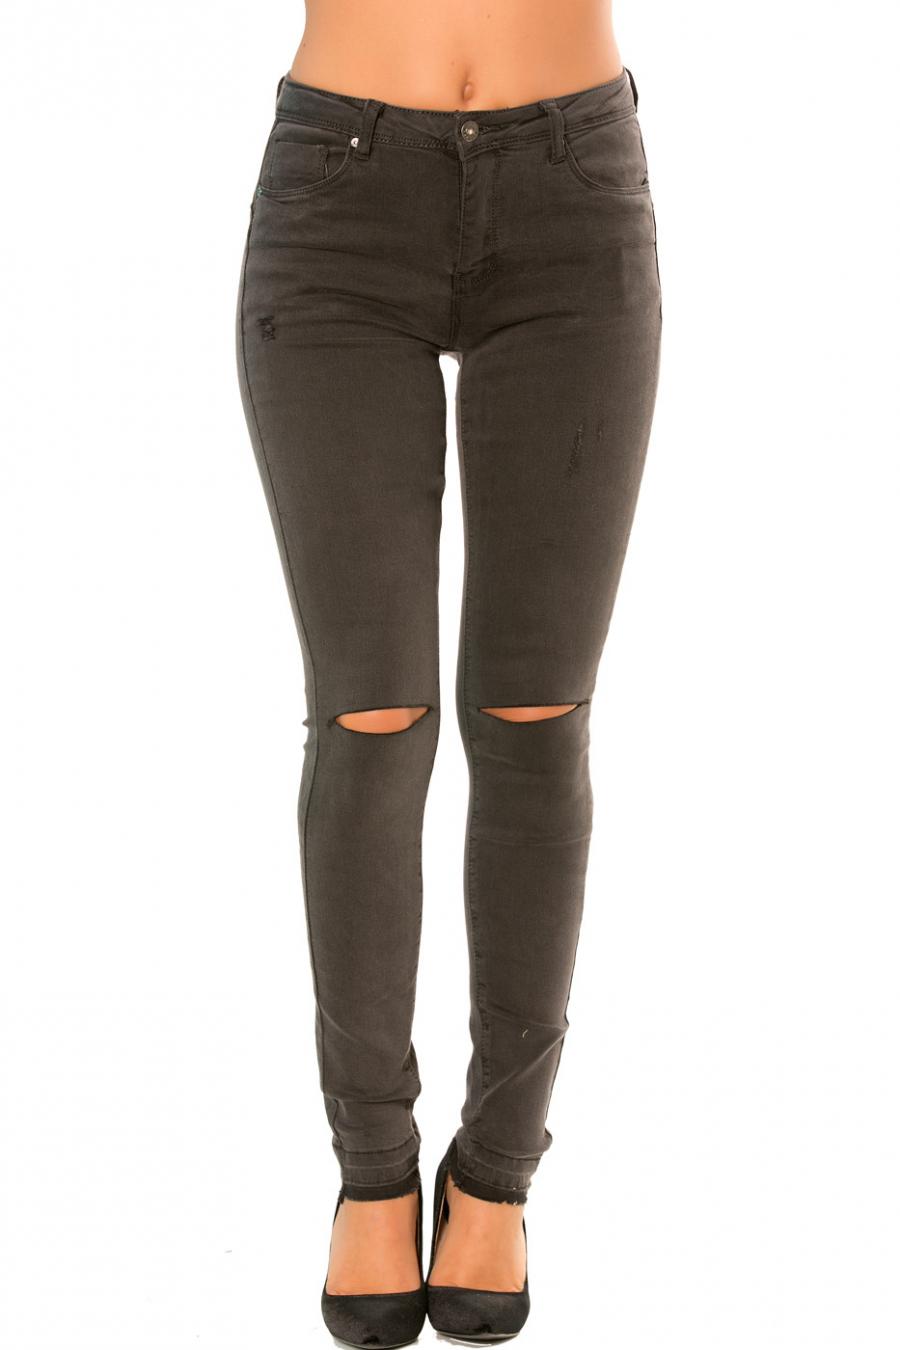 Antracietkleurige slimfit jeansbroek met gaatjes bij de knieën. PTL-S820